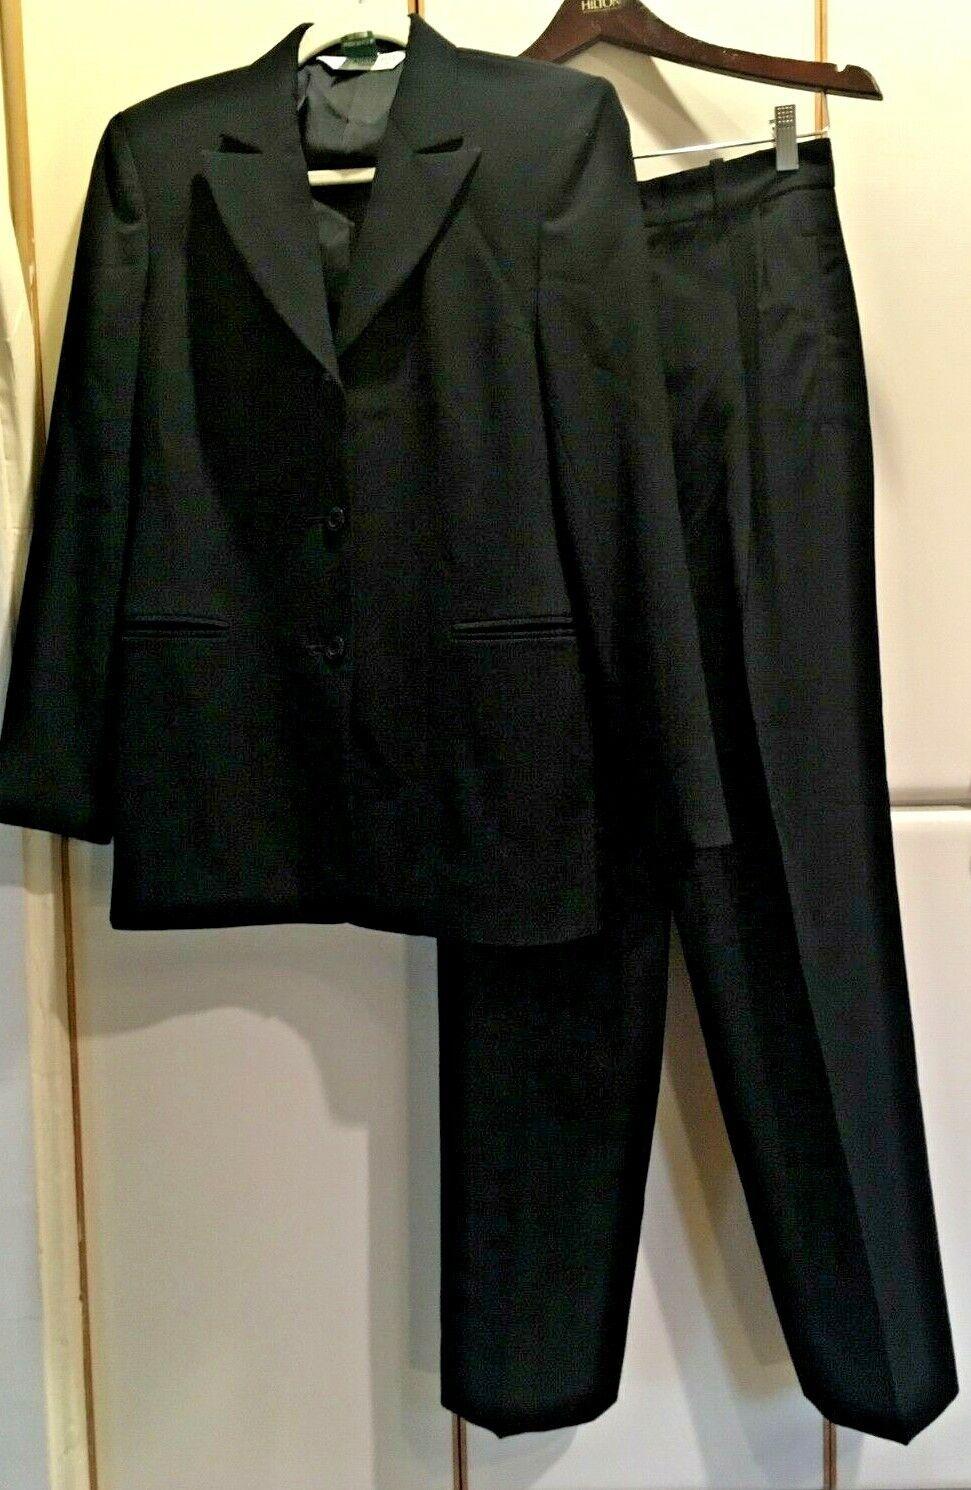 Kupit Vintage 70s Austin Reed Women S Black Wool Pant Na Aukcion Iz Ameriki S Dostavkoj V Rossiyu Ukrainu Kazahstan